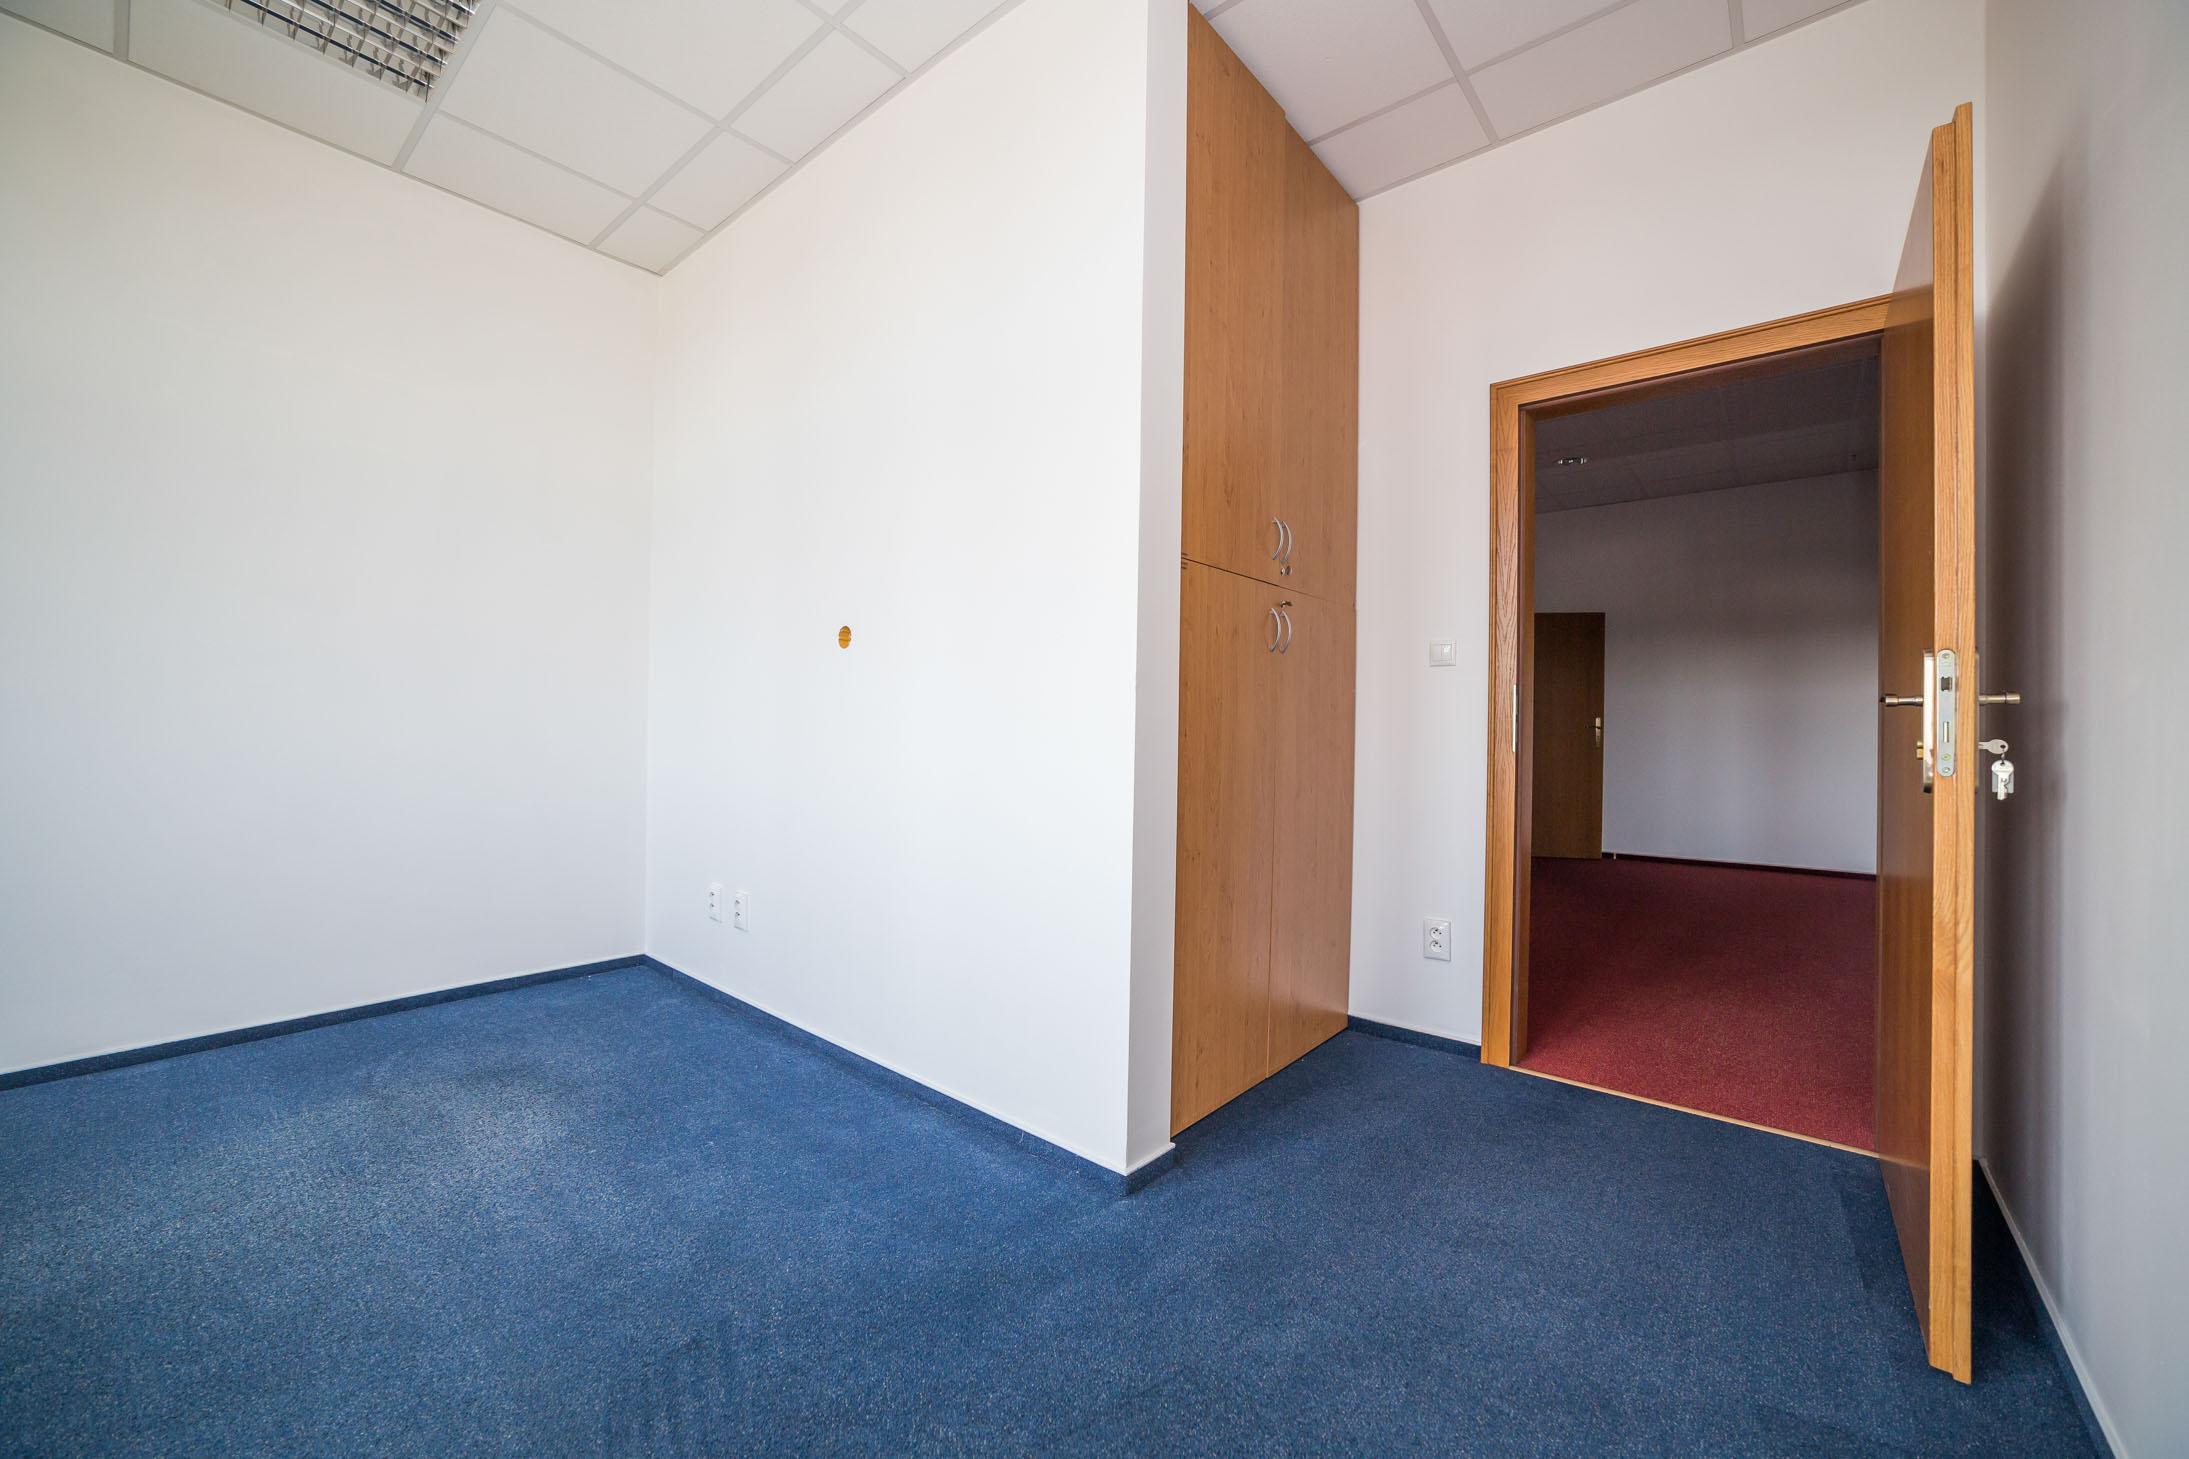 opava reality modry koberec dvere klika klice skrin podhled svetlo zaruben